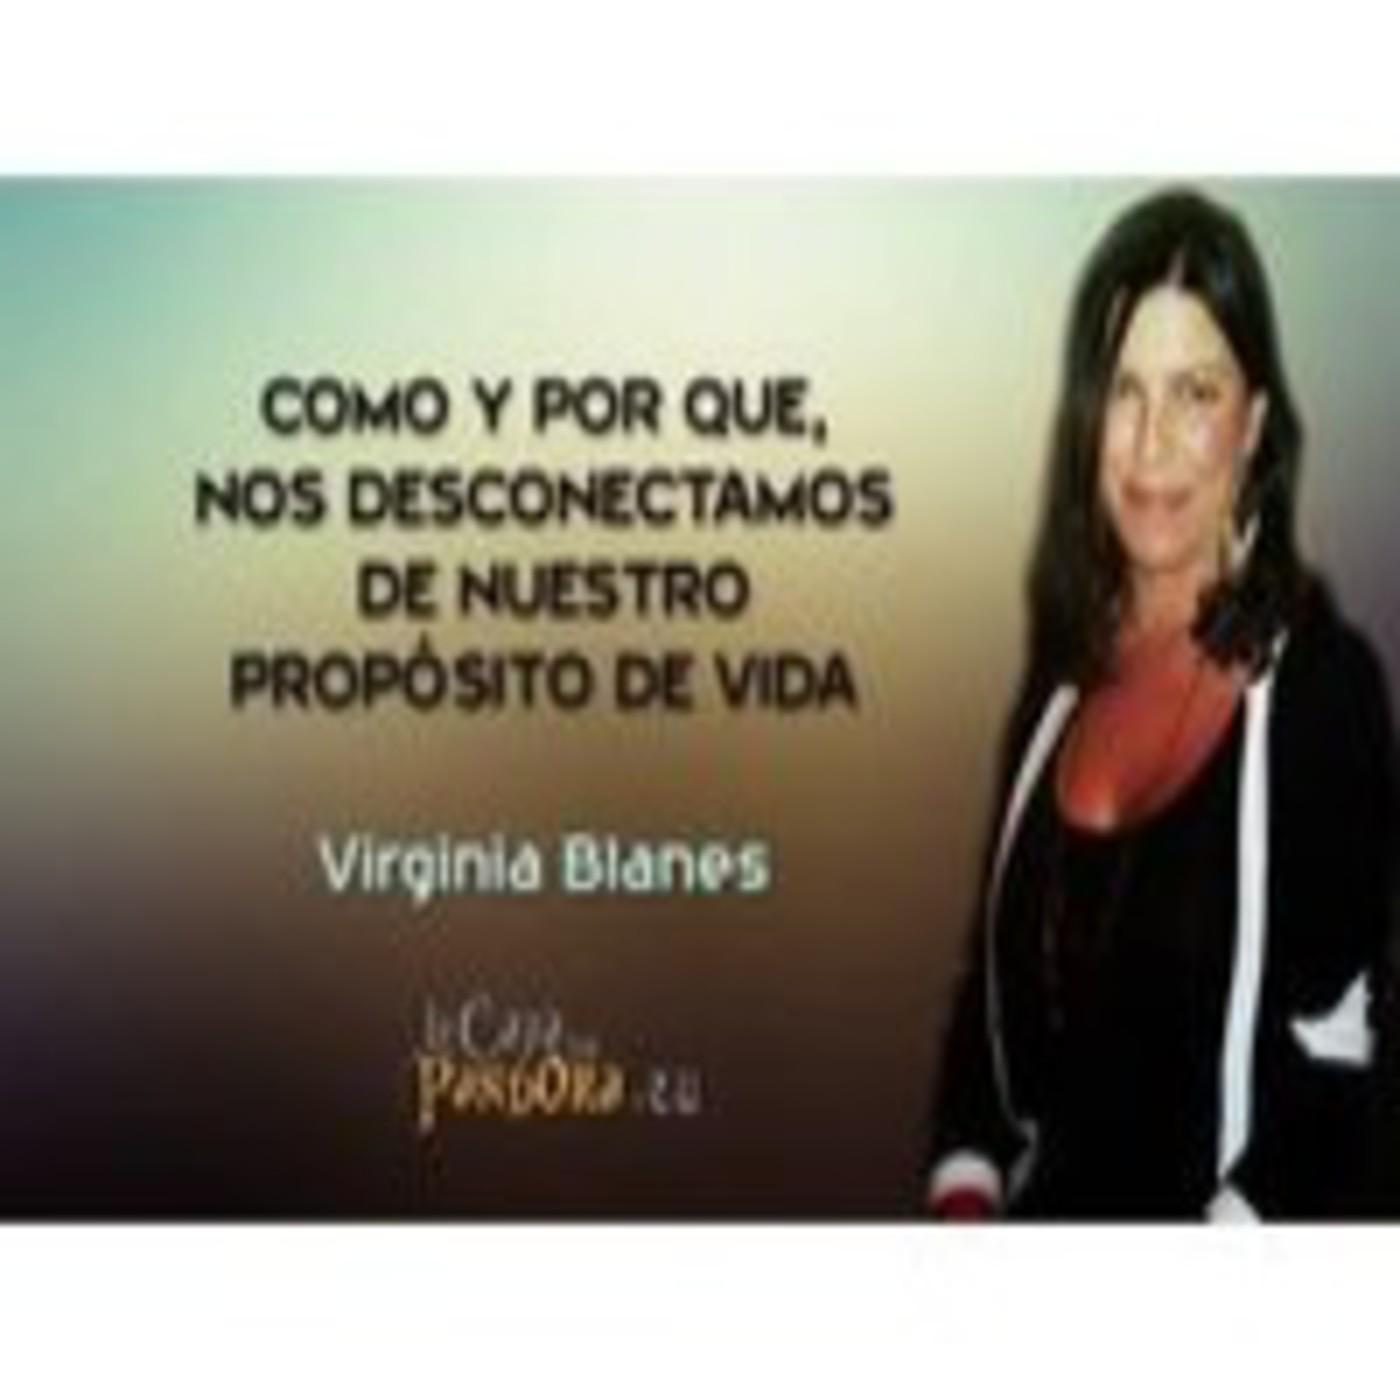 Como y por que, nos desconectamos de nuestro propósito de vida – Virginia Blanes 1º Parte de 2